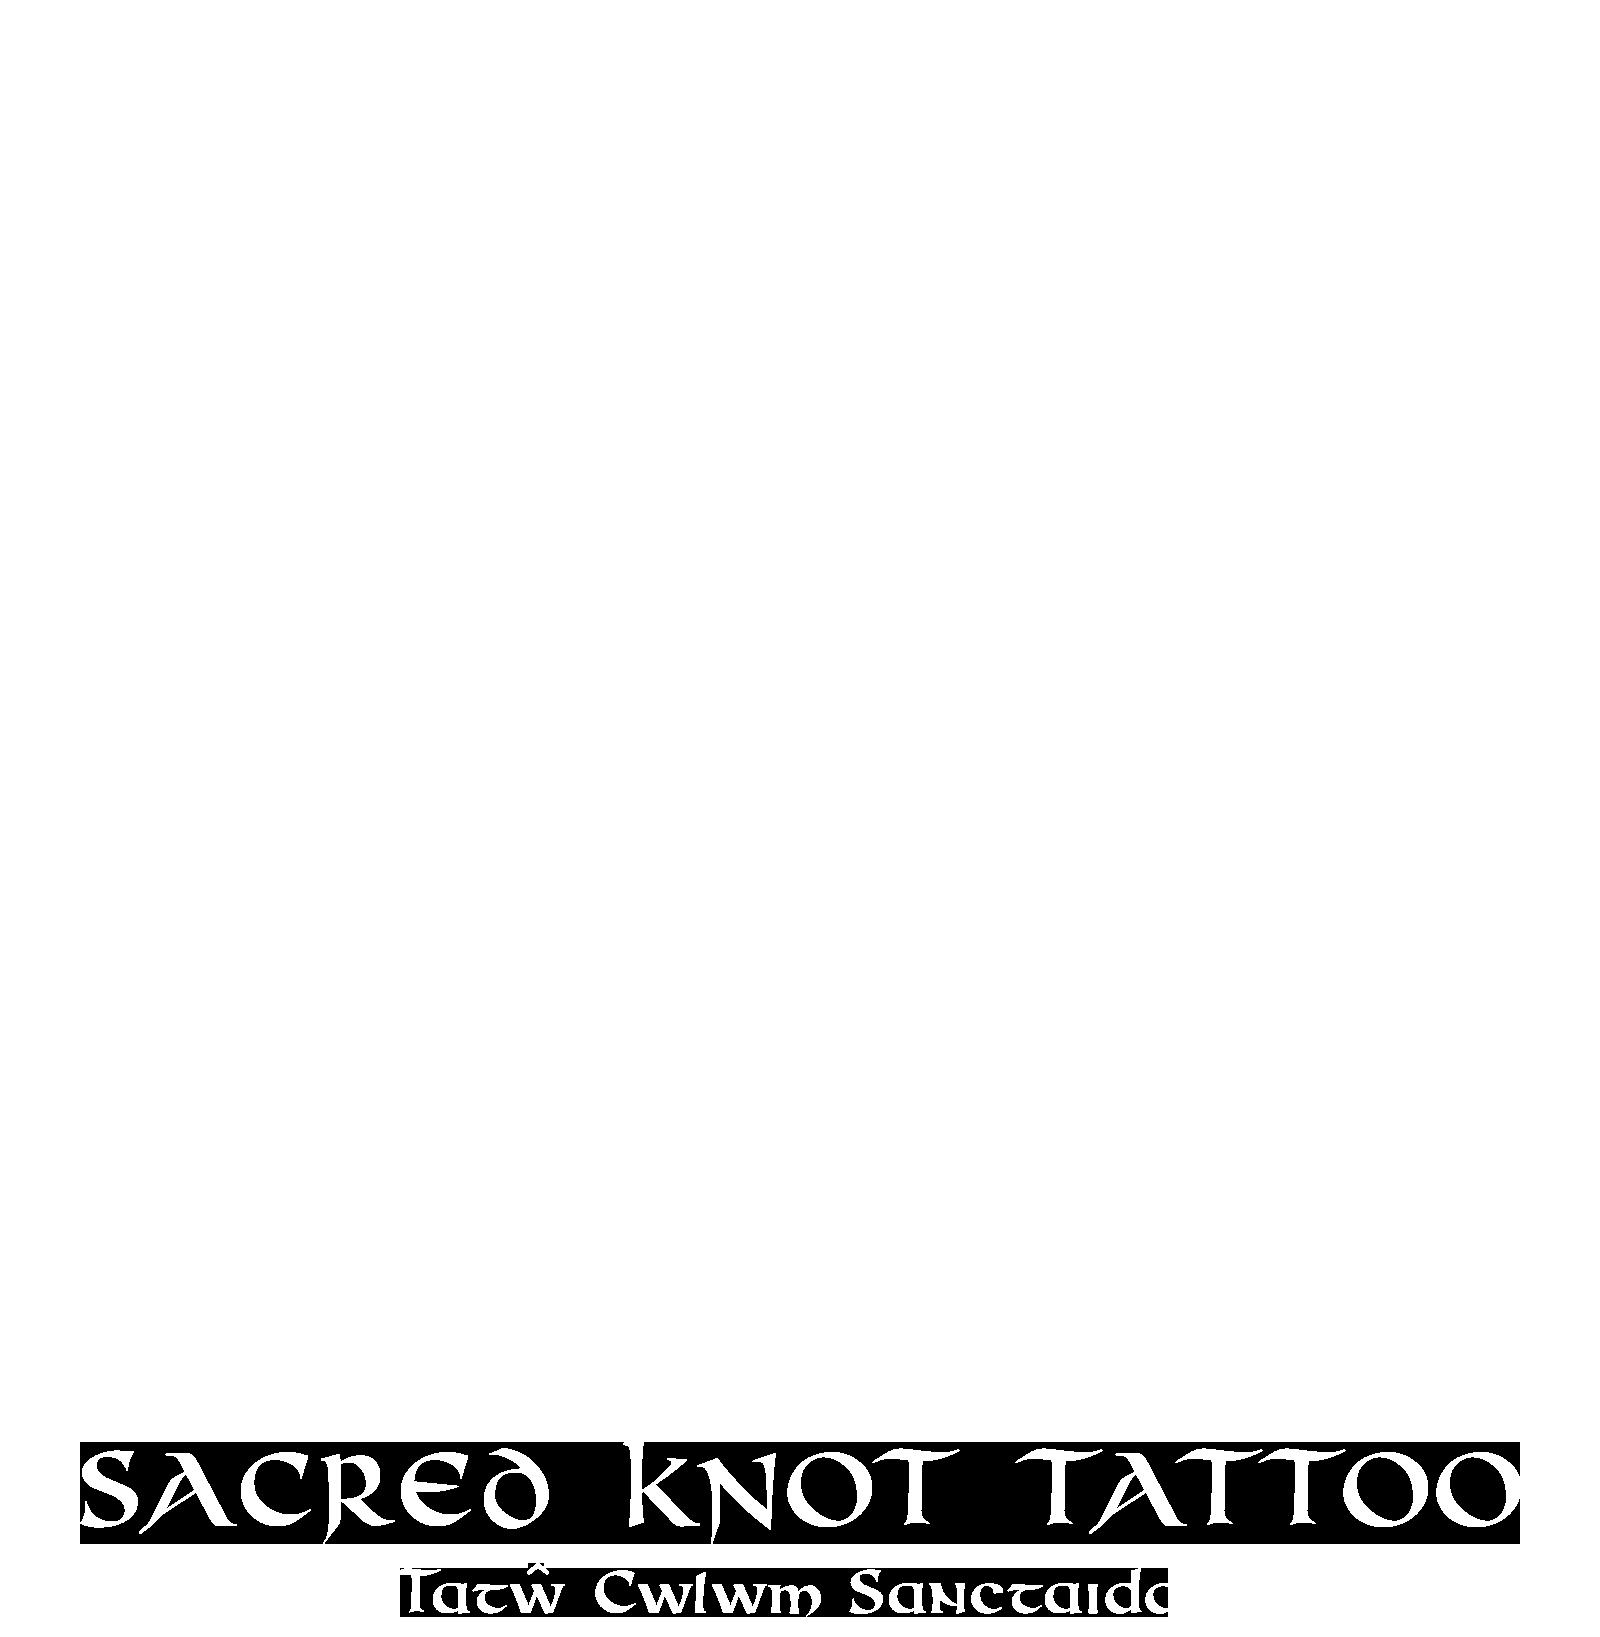 Sacred Knot Tattoo - Tatw Cwlwm Sancaidd